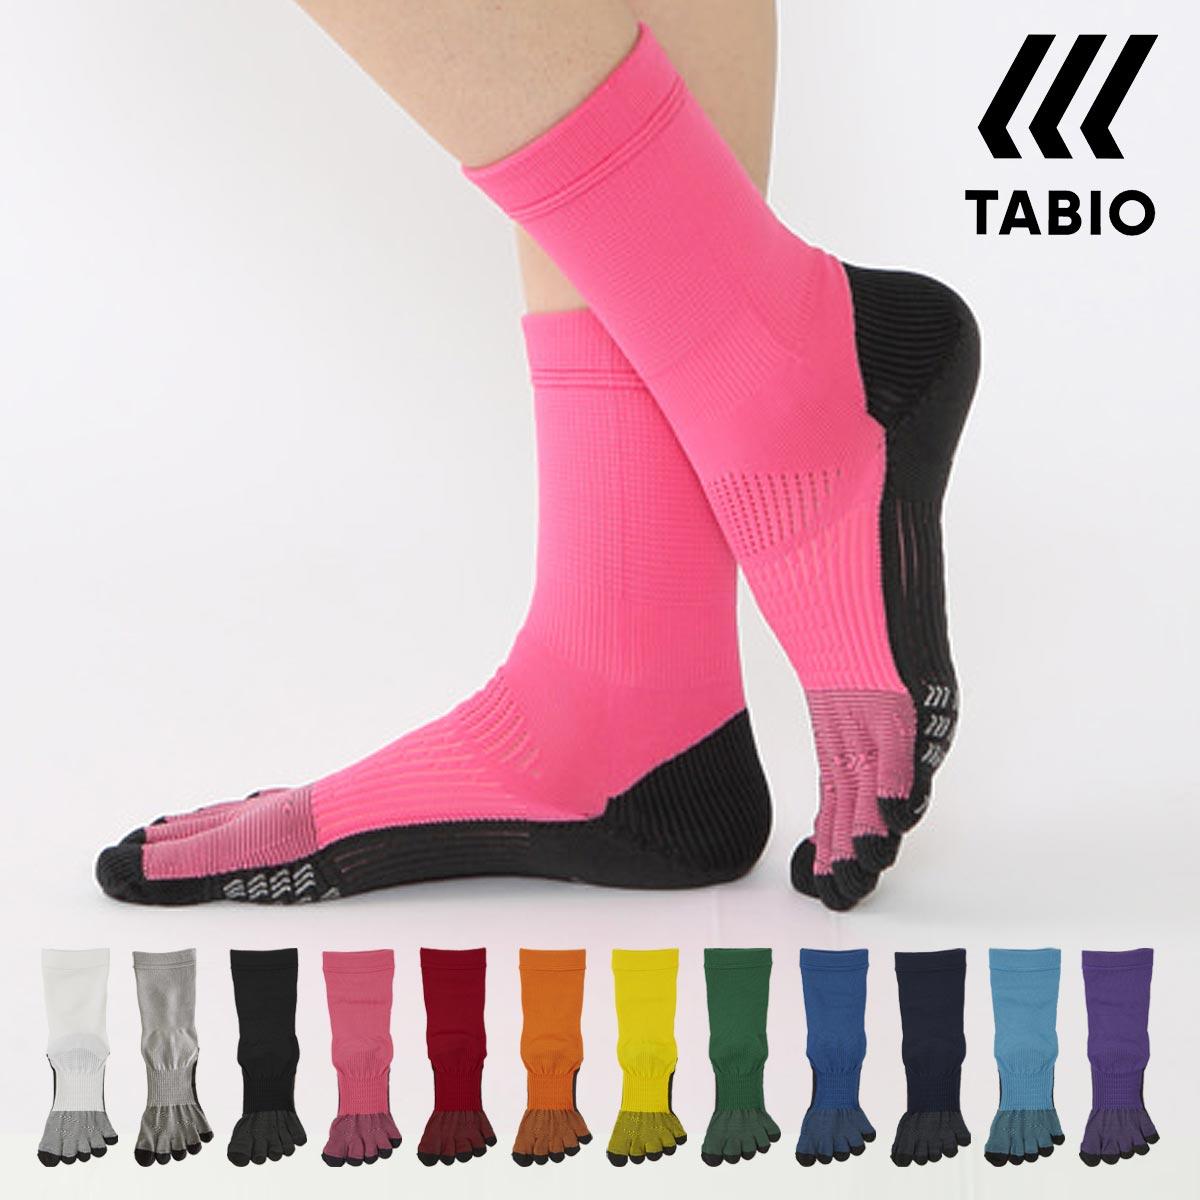 TABIO 売却 SPORTS サッカーソックス フットボール5本指ソックス21~23cm 靴下屋 割り引き 靴下 タビオ タビオスポーツ ストッキング 日本製 くつ下 フットサル メンズ 5本指 あす楽 レディース 五本指